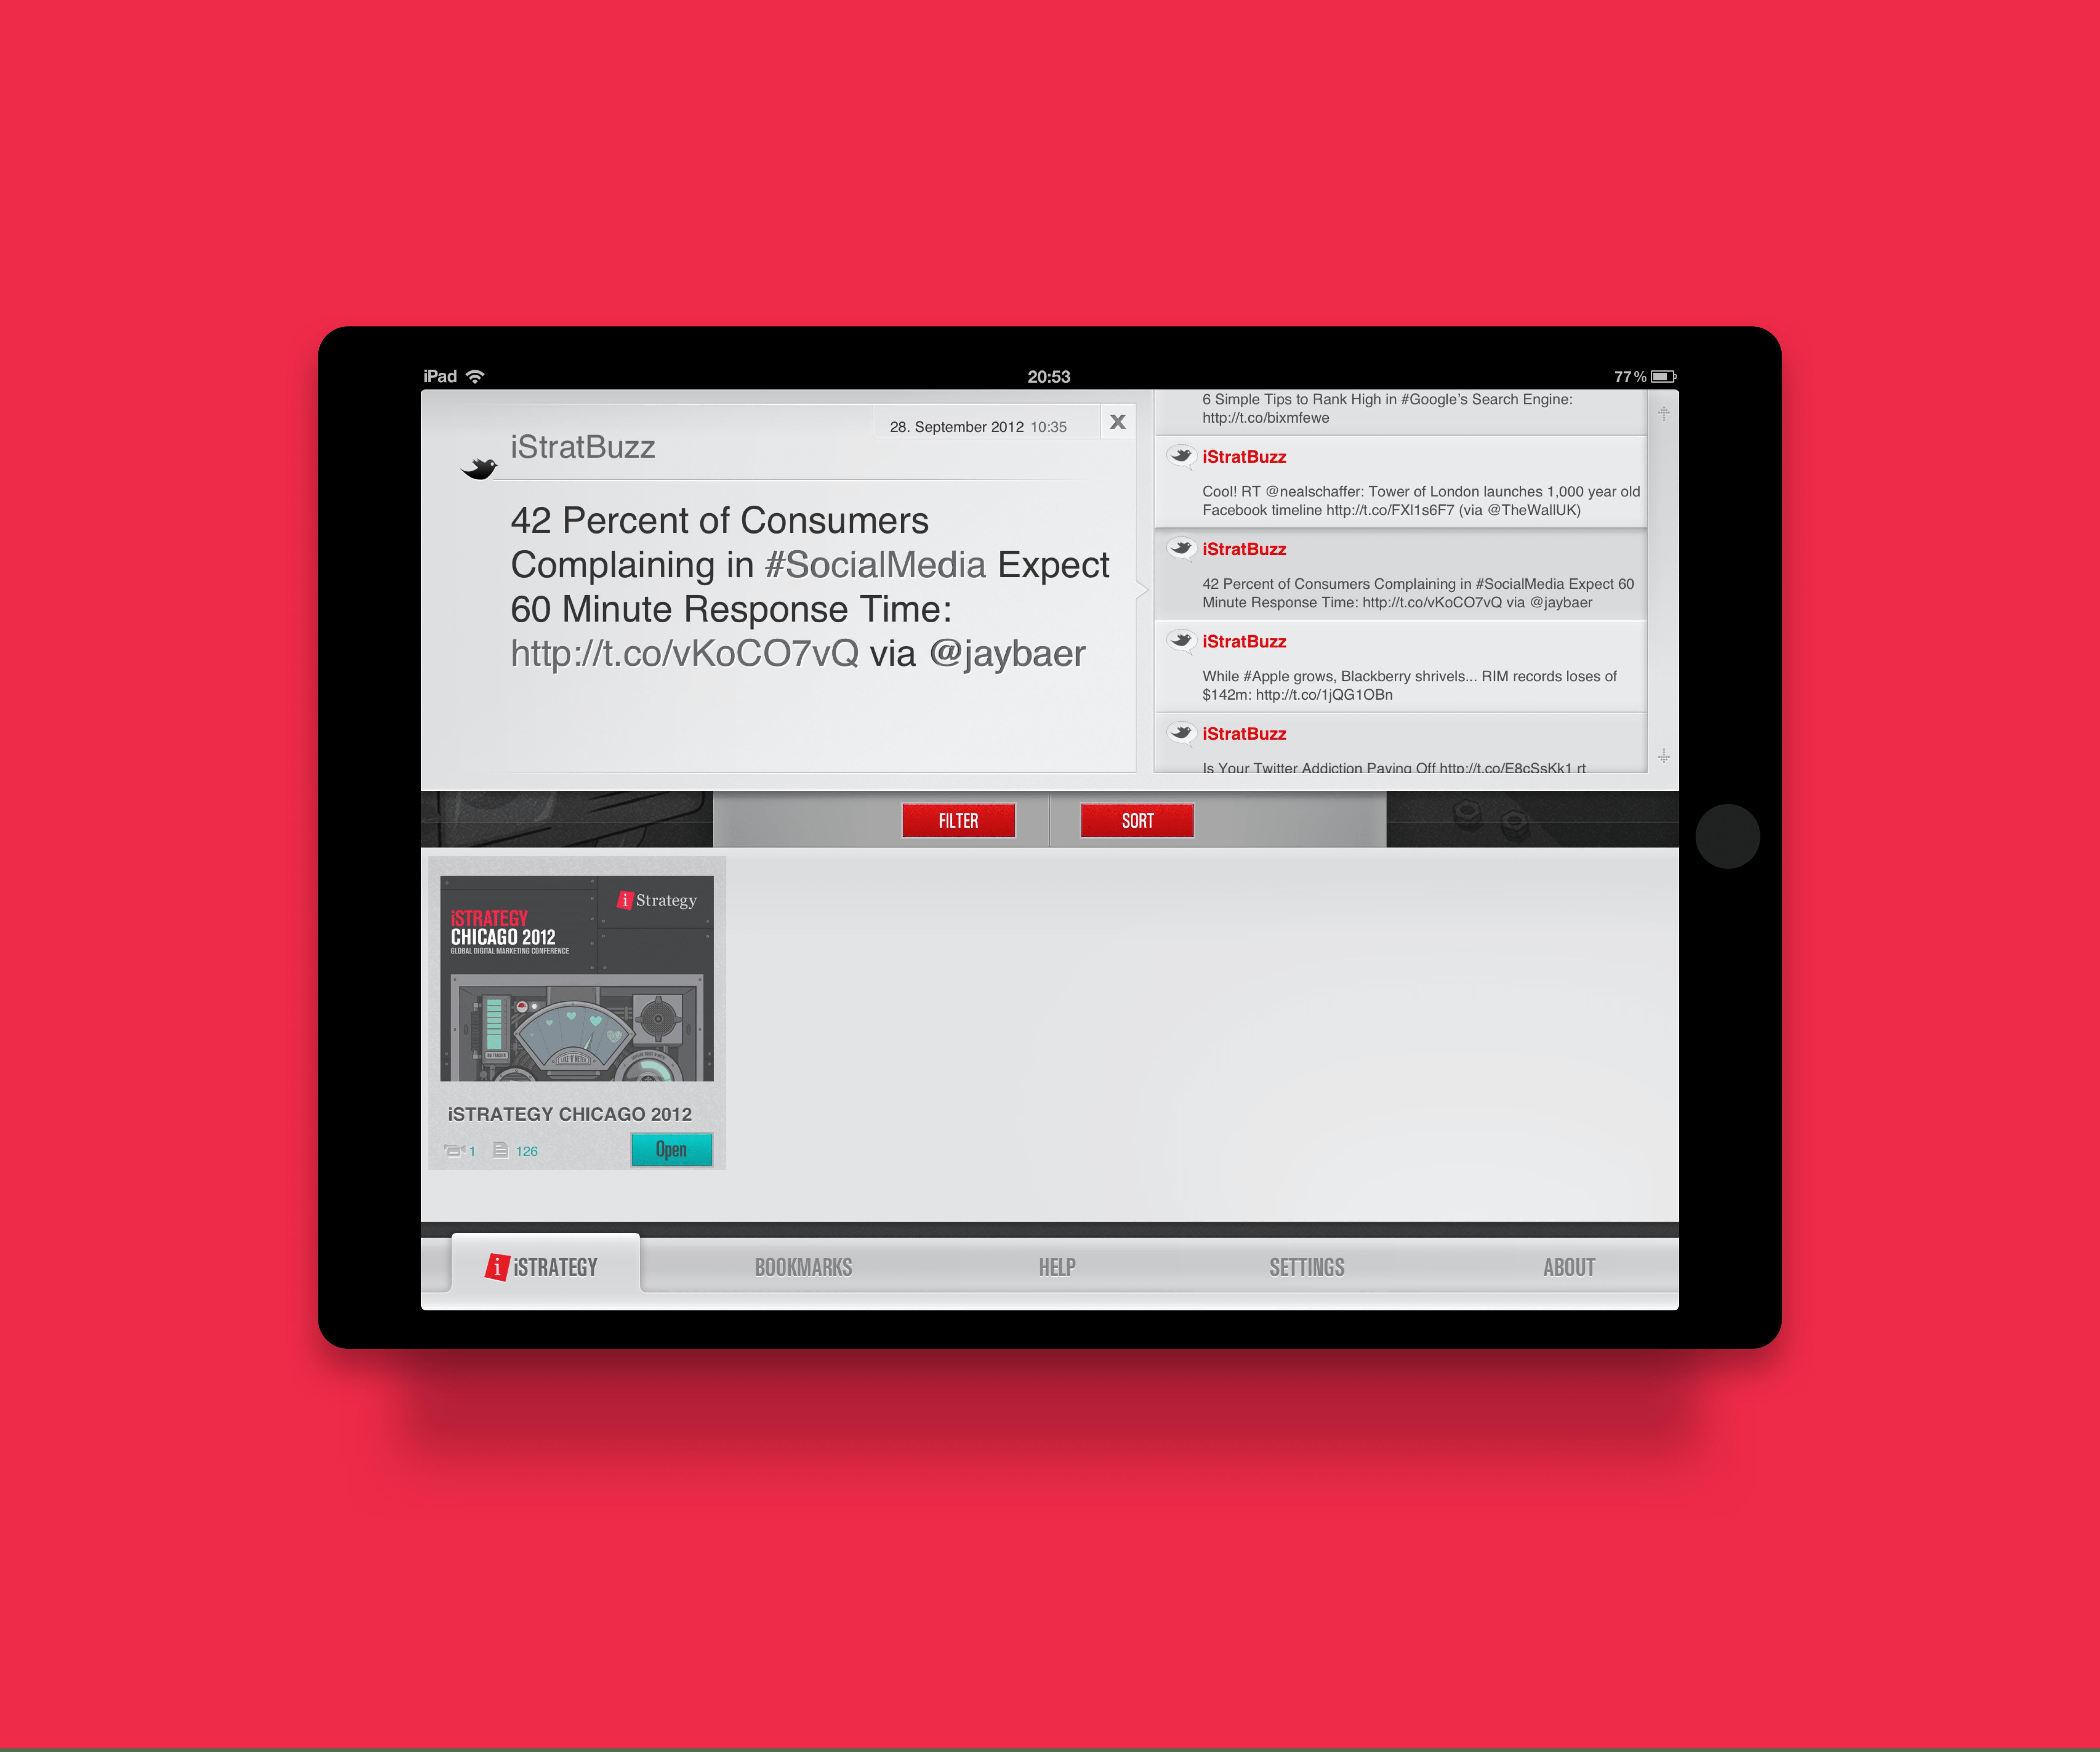 iStrategy-iPad-App-Development-023@3x